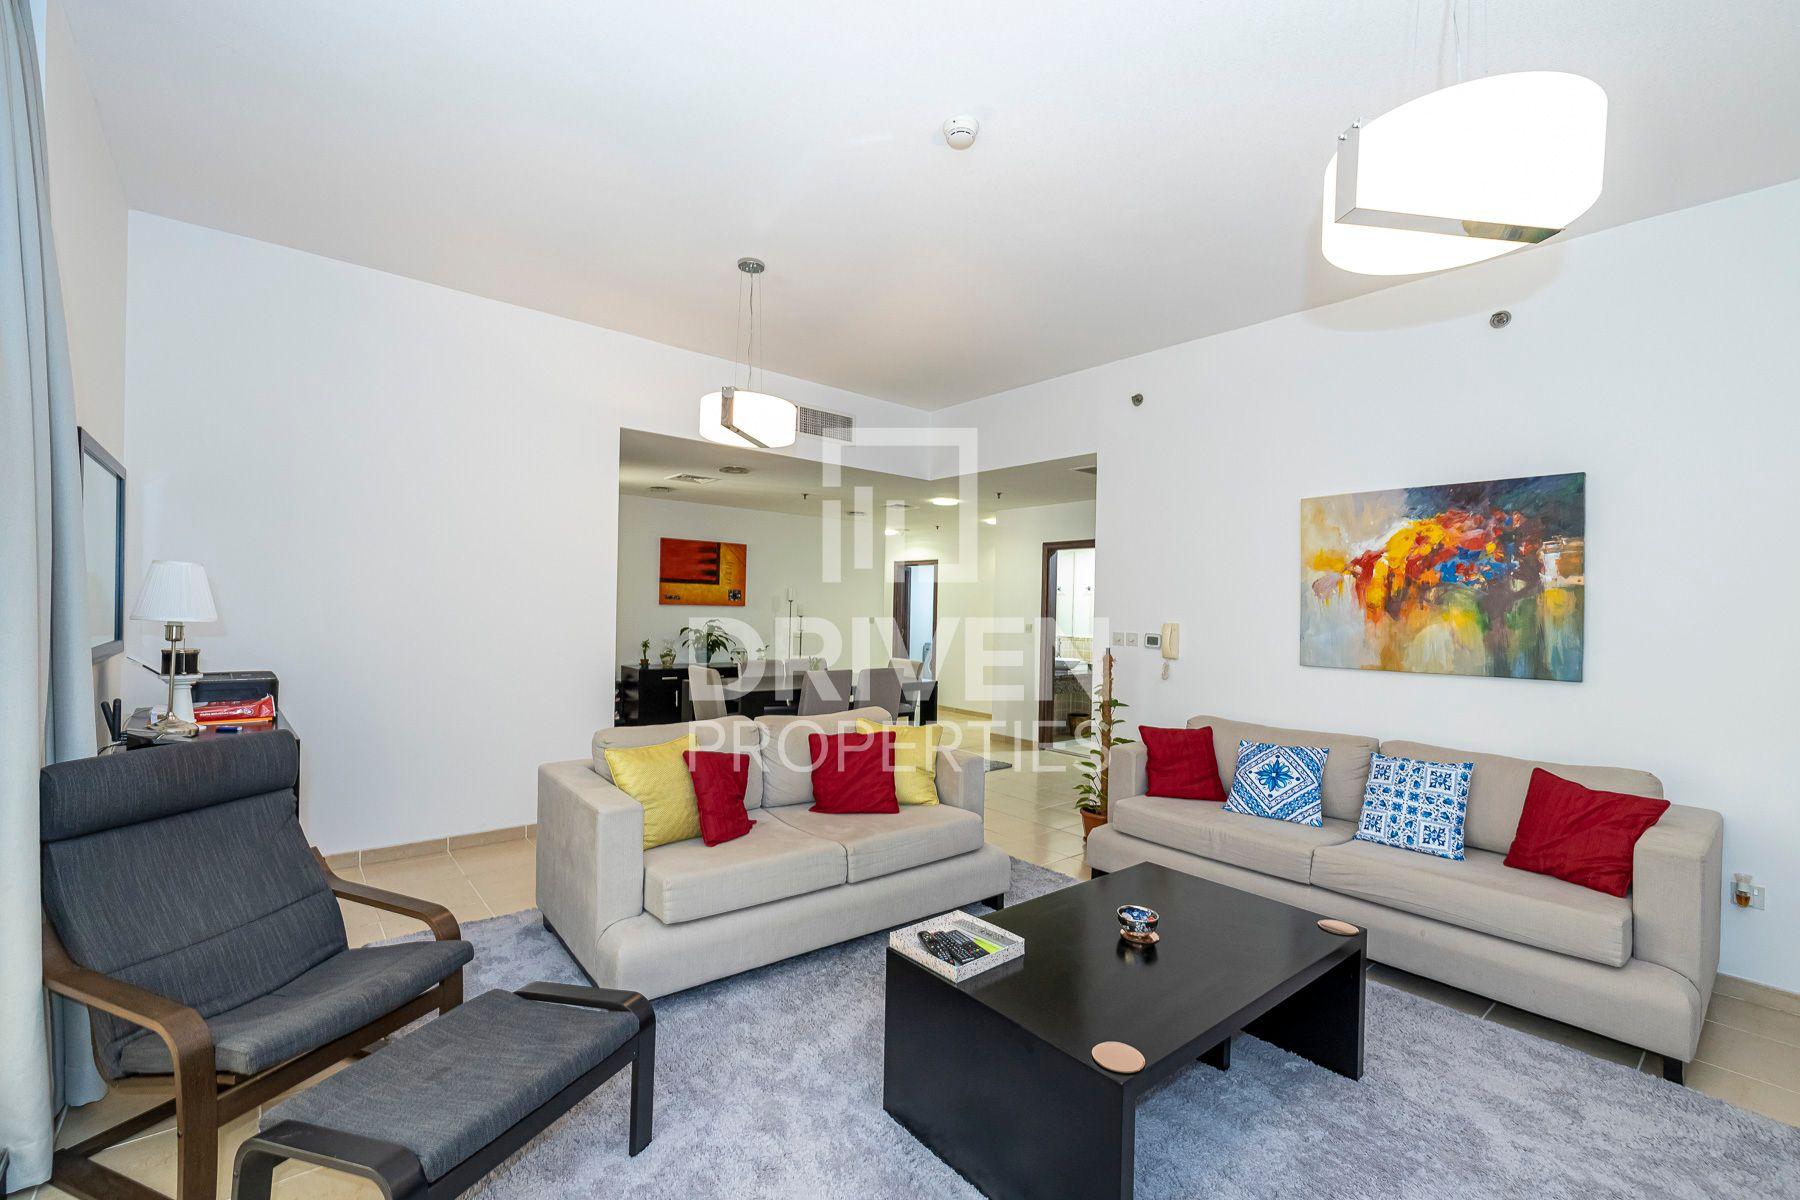 1,884 قدم مربع  شقة - للايجار - مساكن شاطئ الجميرا